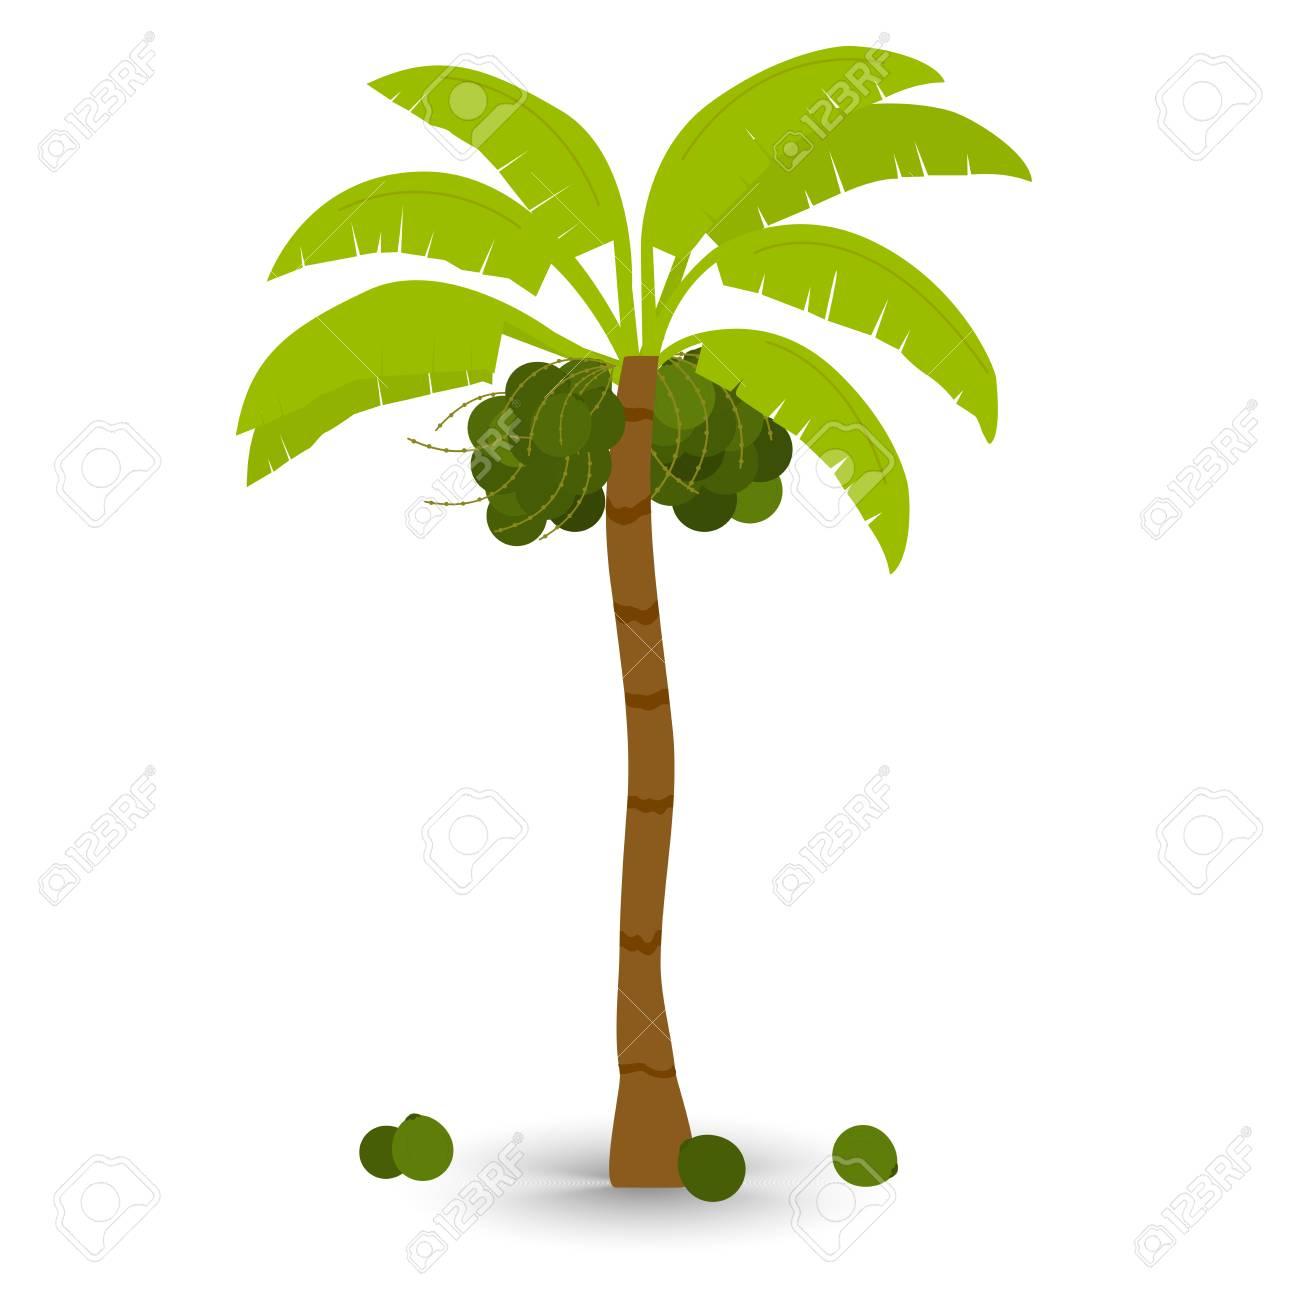 Kokosnussbaum Mit Schatten. Palme Mit Bündel Kokosnussfrucht ...